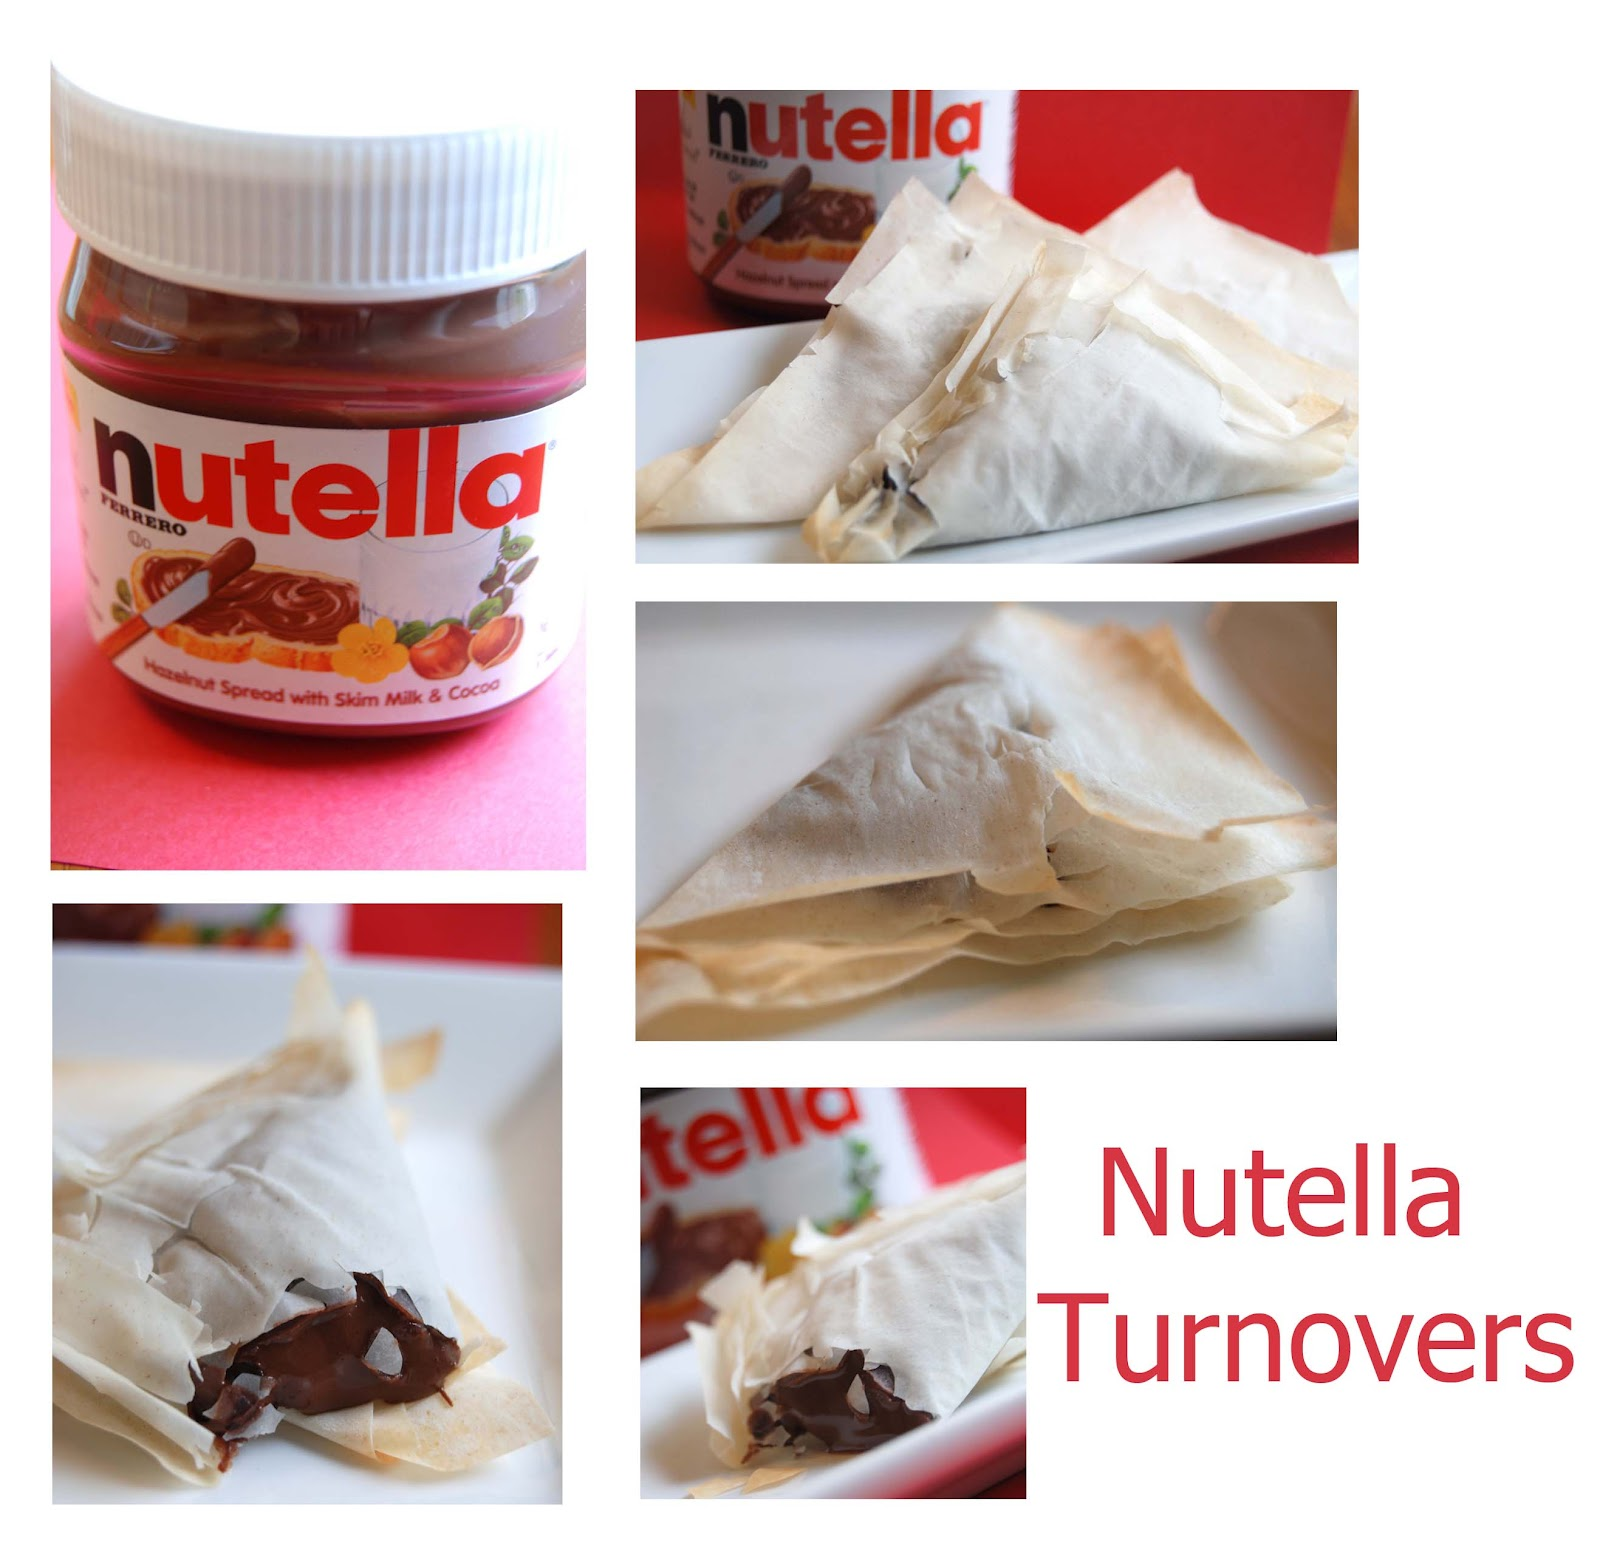 Nutella Turnovers